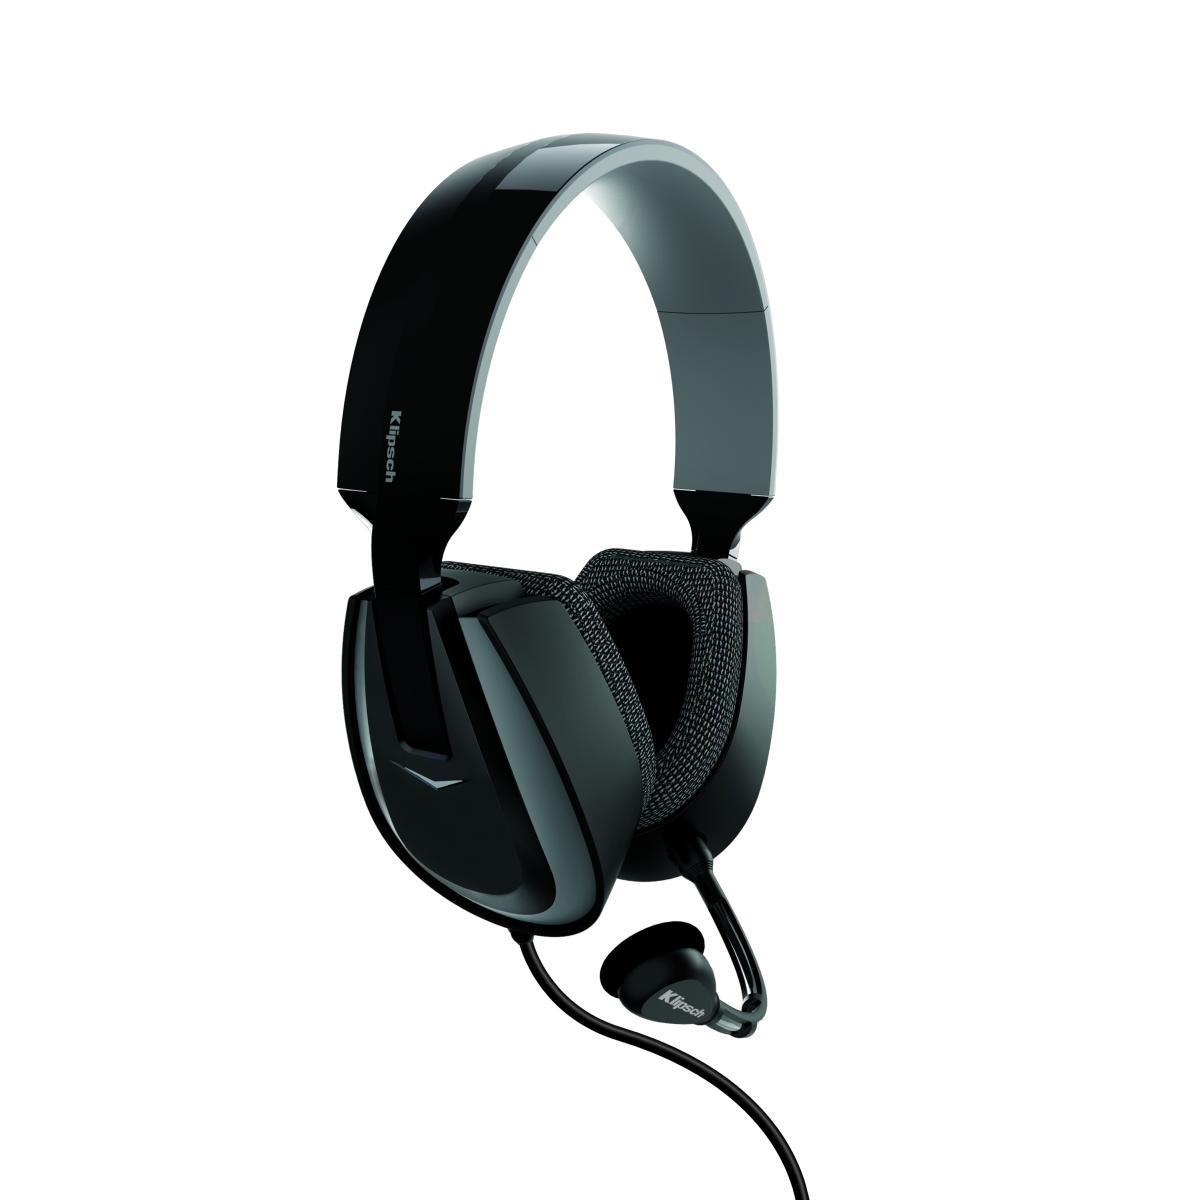 Powieksz do pelnego rozmiaru Klipsz, Klipsh, Klipch, Klipsch  Status kg 200, kg200,kg100,kg 100 słuchawki hi-fi, słuchawki hifi, słuchawki do gry, słuchawki do gier, słuchawki do konsoli, słuchawki PC, słuchawki do PC, słuchawki multimedialne, słuchawki z mikrofonem, słuchawki z regulacją głośności, gaming, słuchawki gamingowe, słuchawki do ps4, słuchawki do Mac, słuchawki Xbox One, słuchawki Mac, słuchawki ps4, słuchawki do Xbox One, słuchawki do komputera, słuchawki otwarte, słuchawki wokółuszne, słuchawki z pałąkiem,